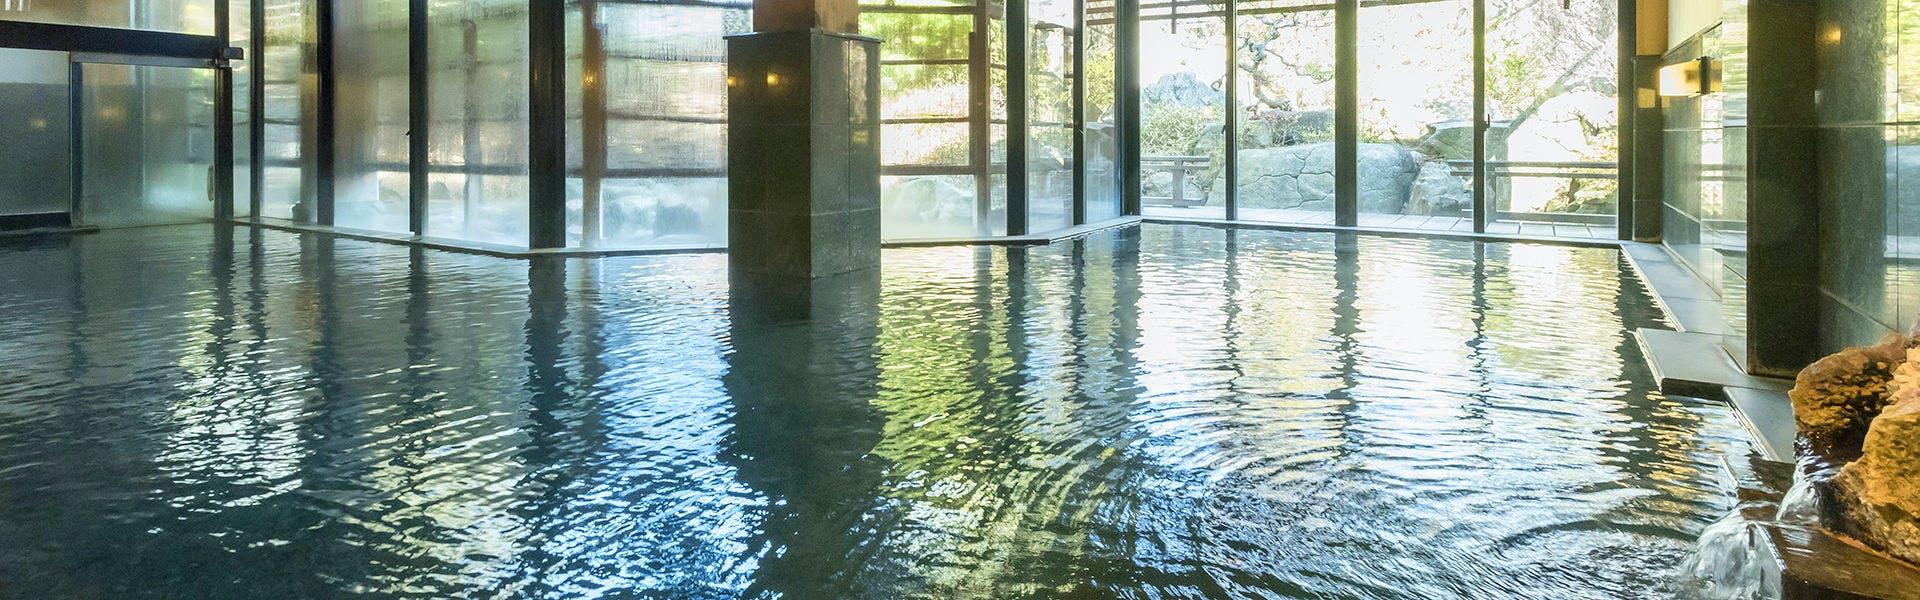 記念日におすすめのホテル・【あわら温泉グランドホテル 湯めぐりの宿】 の空室状況を確認するの写真1